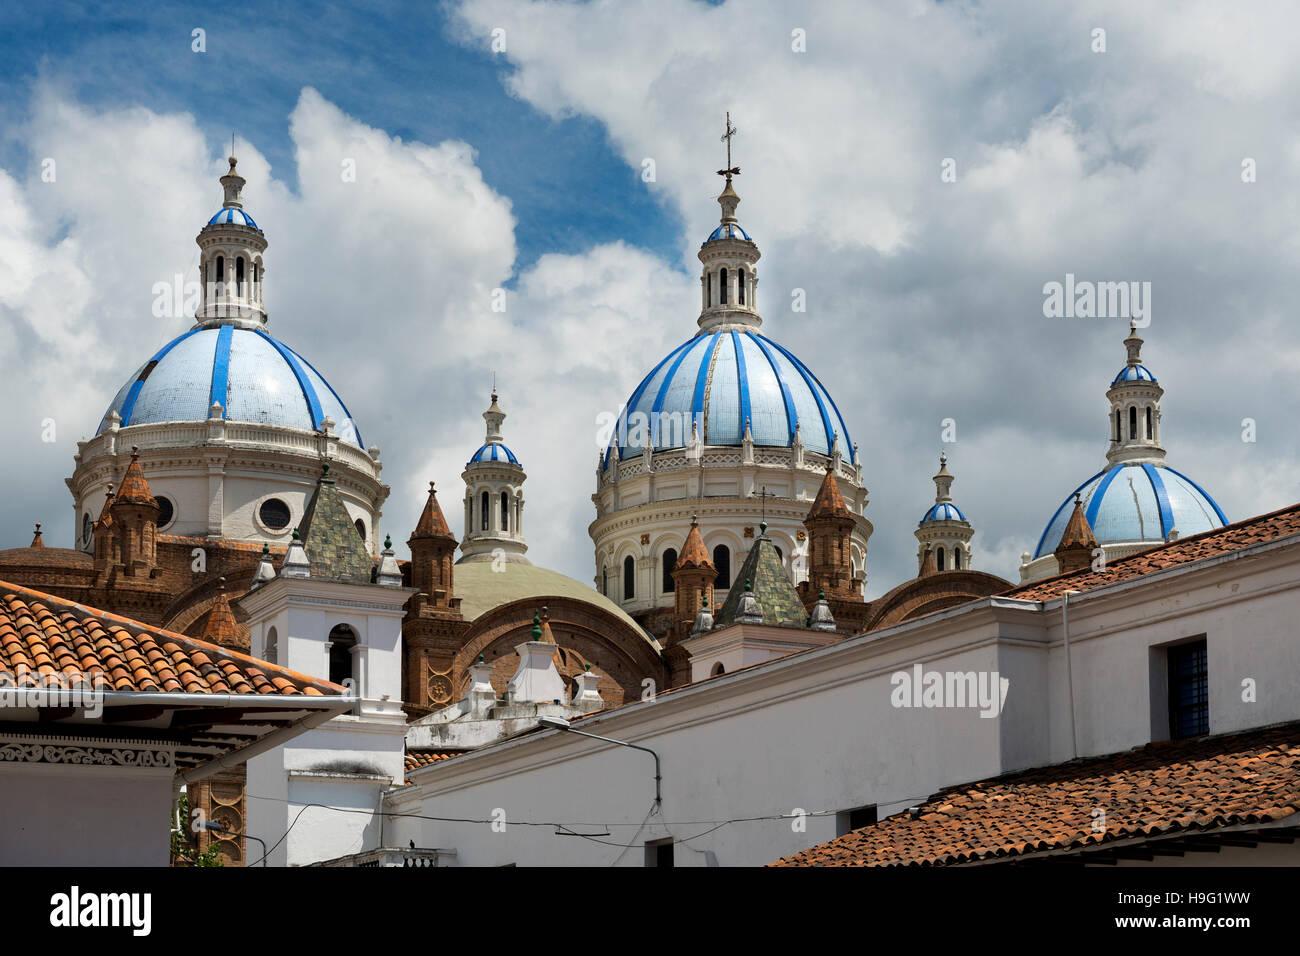 Detalle de las cúpulas azules de la Catedral de Cuenca, Ecuador, Sudamérica Imagen De Stock